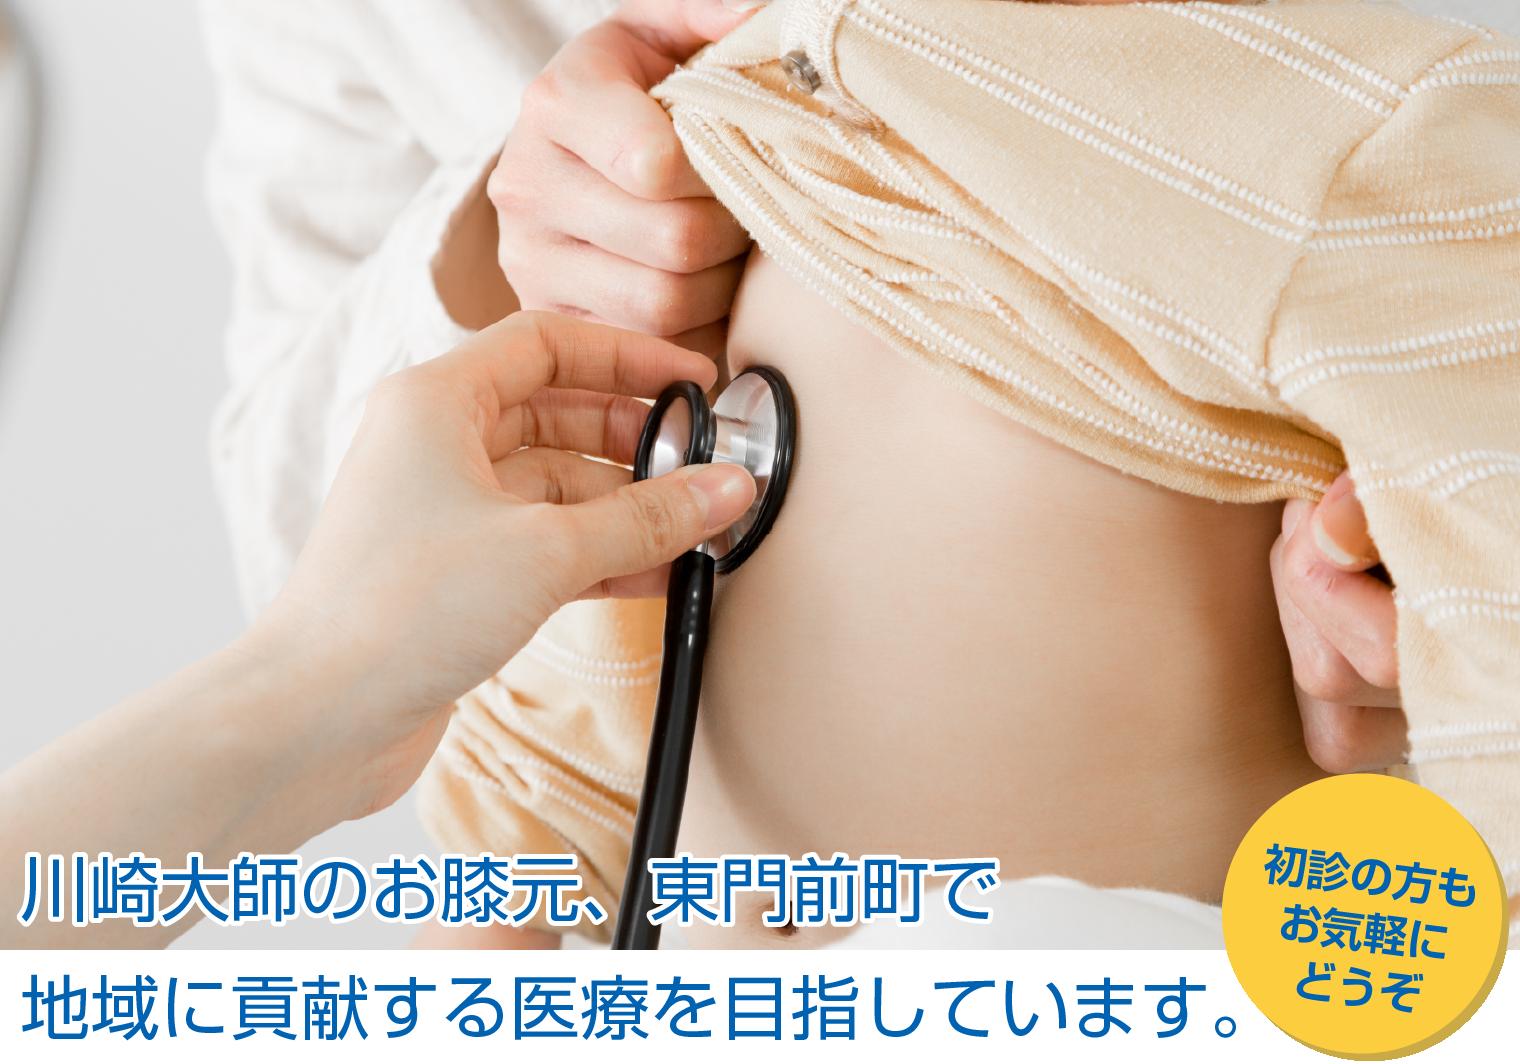 川崎大師のお膝元、東門前町で地域に貢献する医療を目指しています。